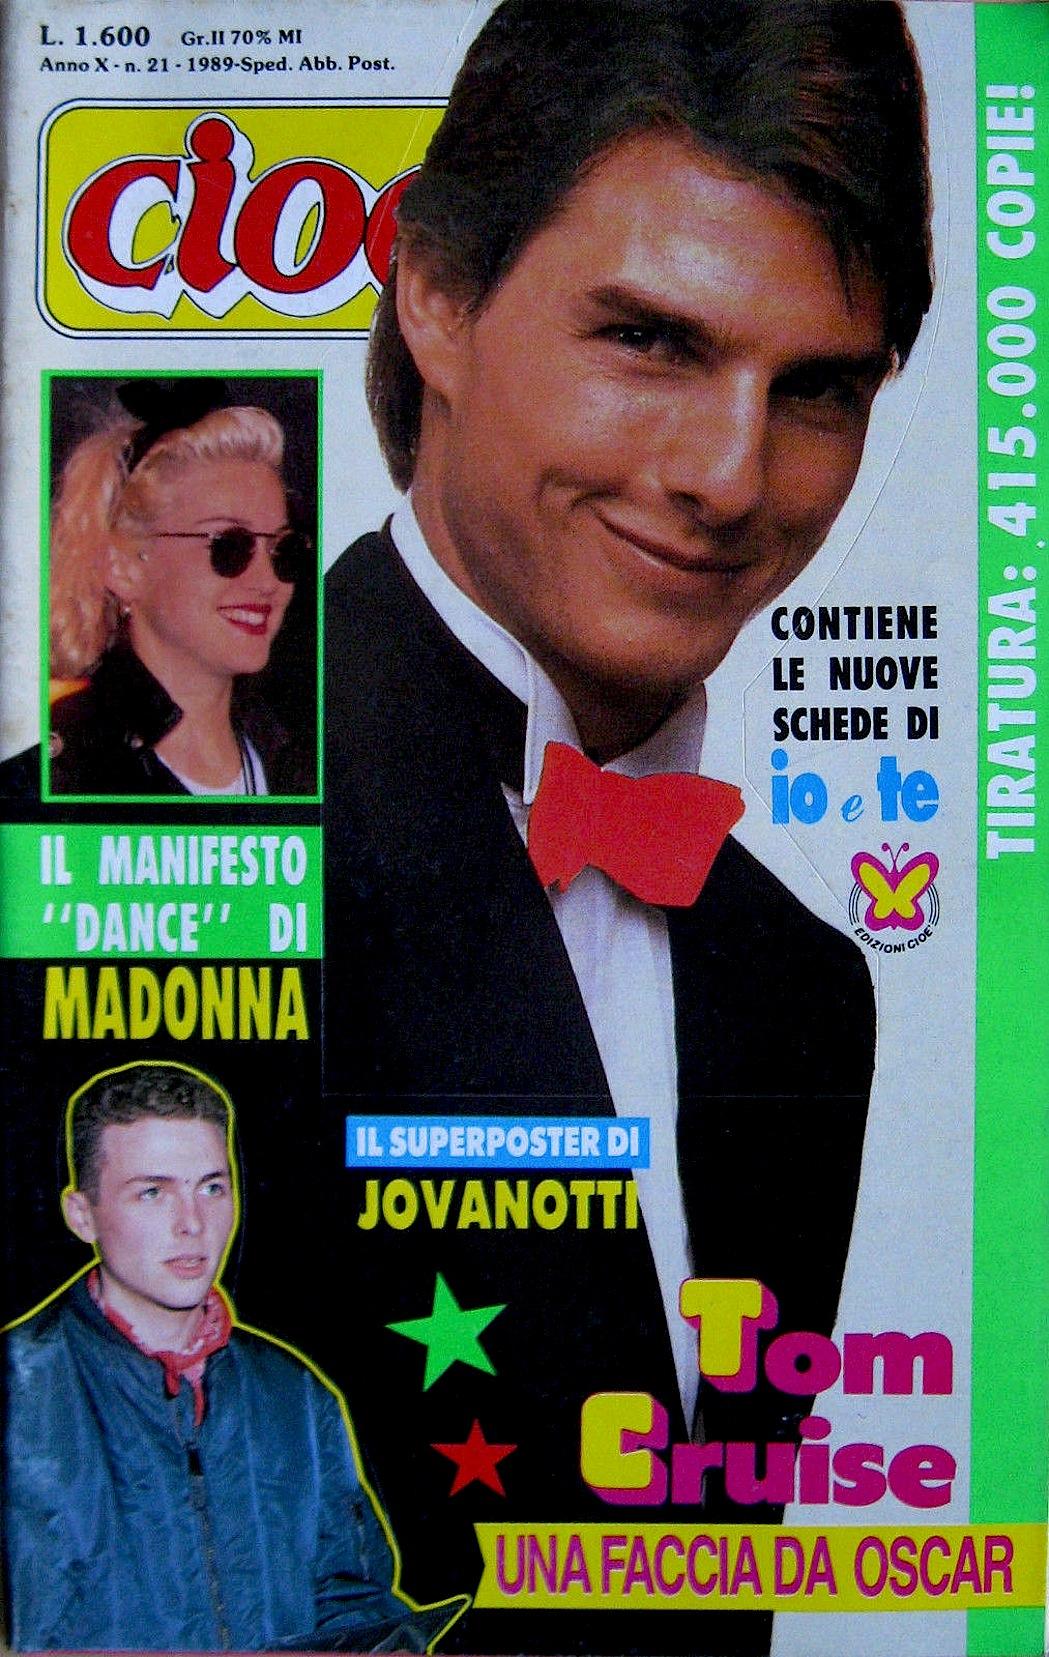 rivista_cioè_1989_tom_cruise